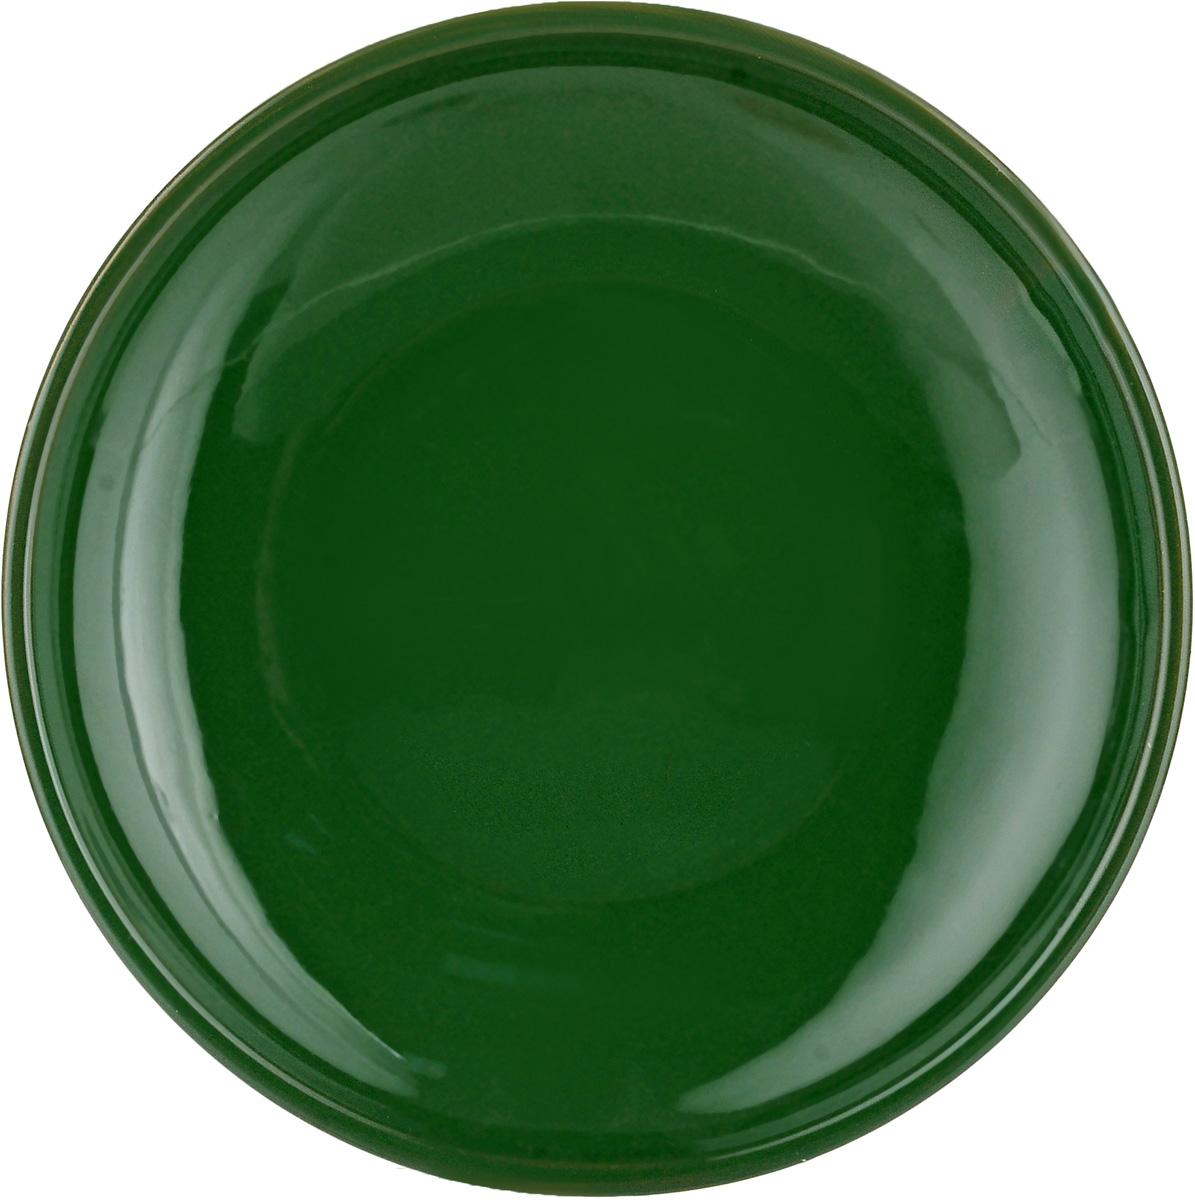 Фото - Блюдце Борисовская керамика Радуга, цвет: зеленый, диаметр 10 см блюдце борисовская керамика радуга цвет темно серый диаметр 10 см